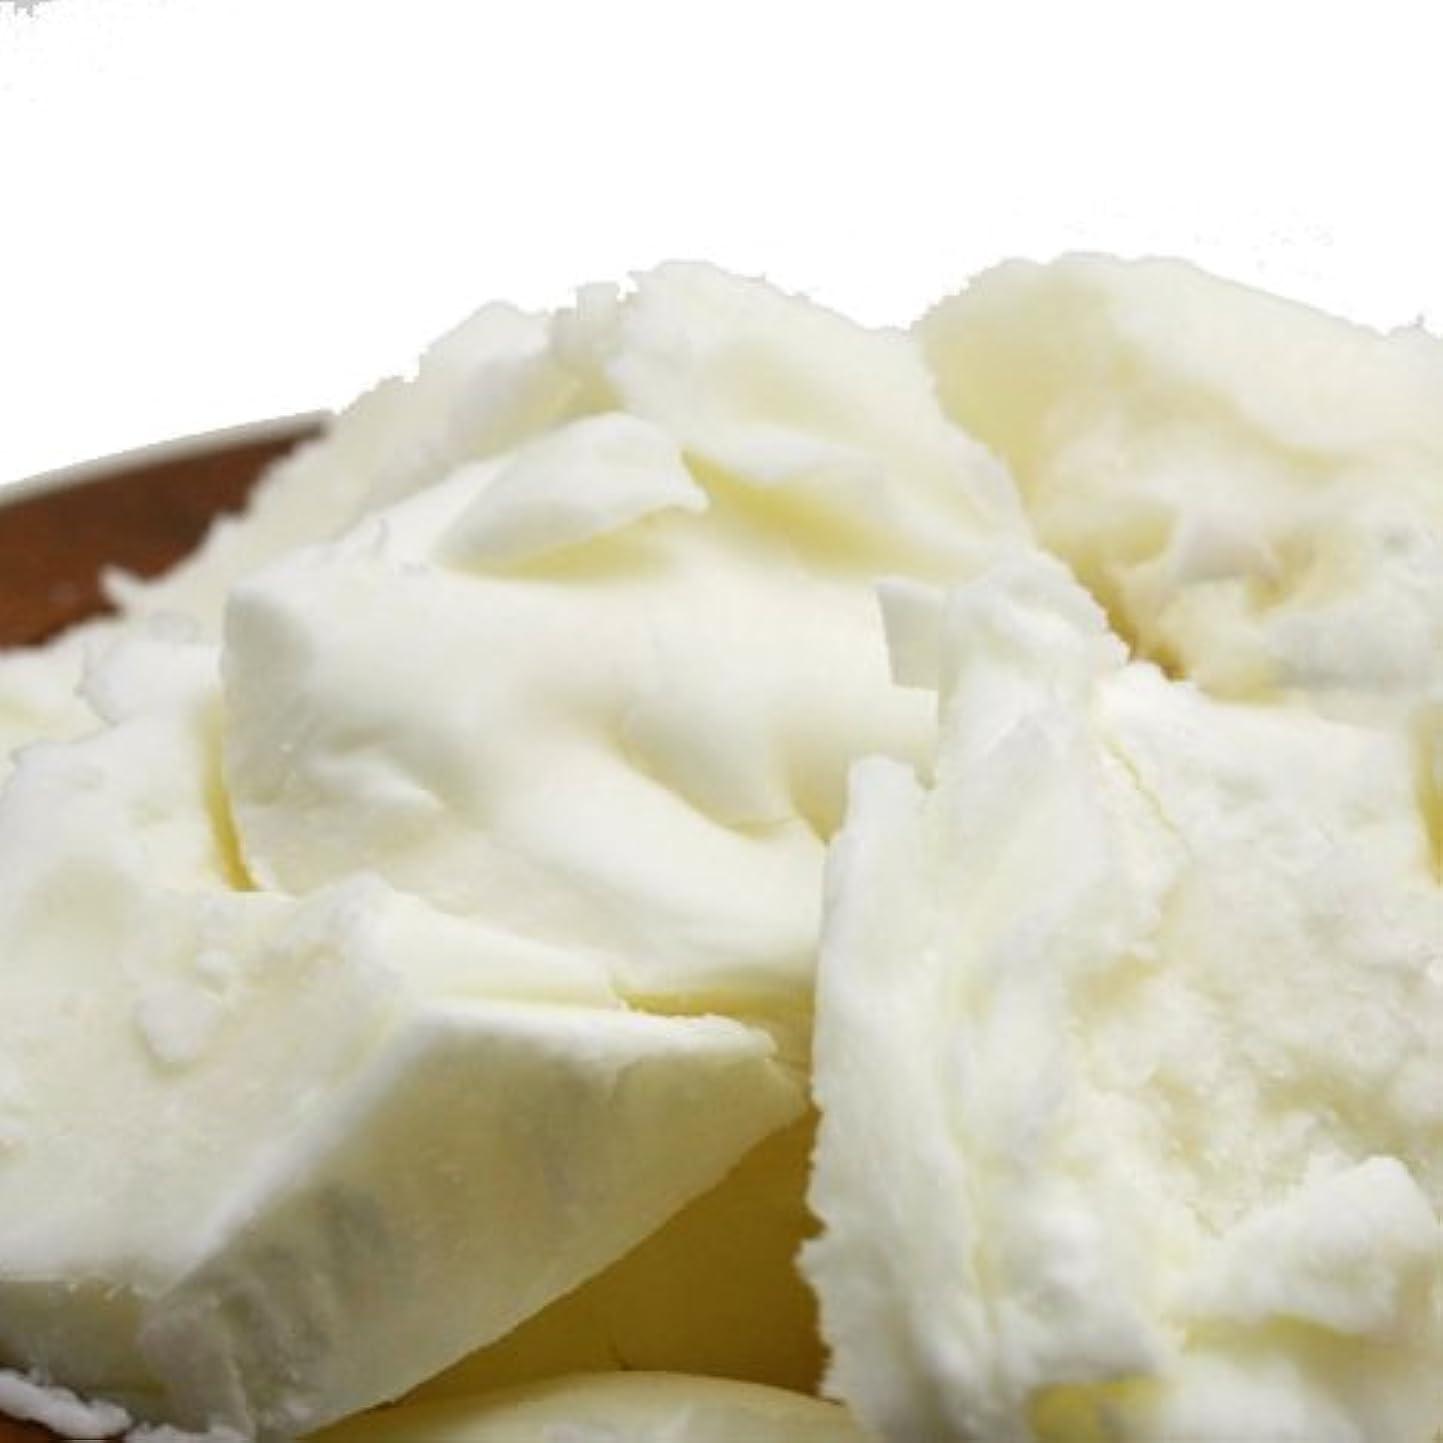 赤面条件付き気質精製シアバター 100g シア脂 【手作り石鹸/手作りコスメ/手作り化粧品】